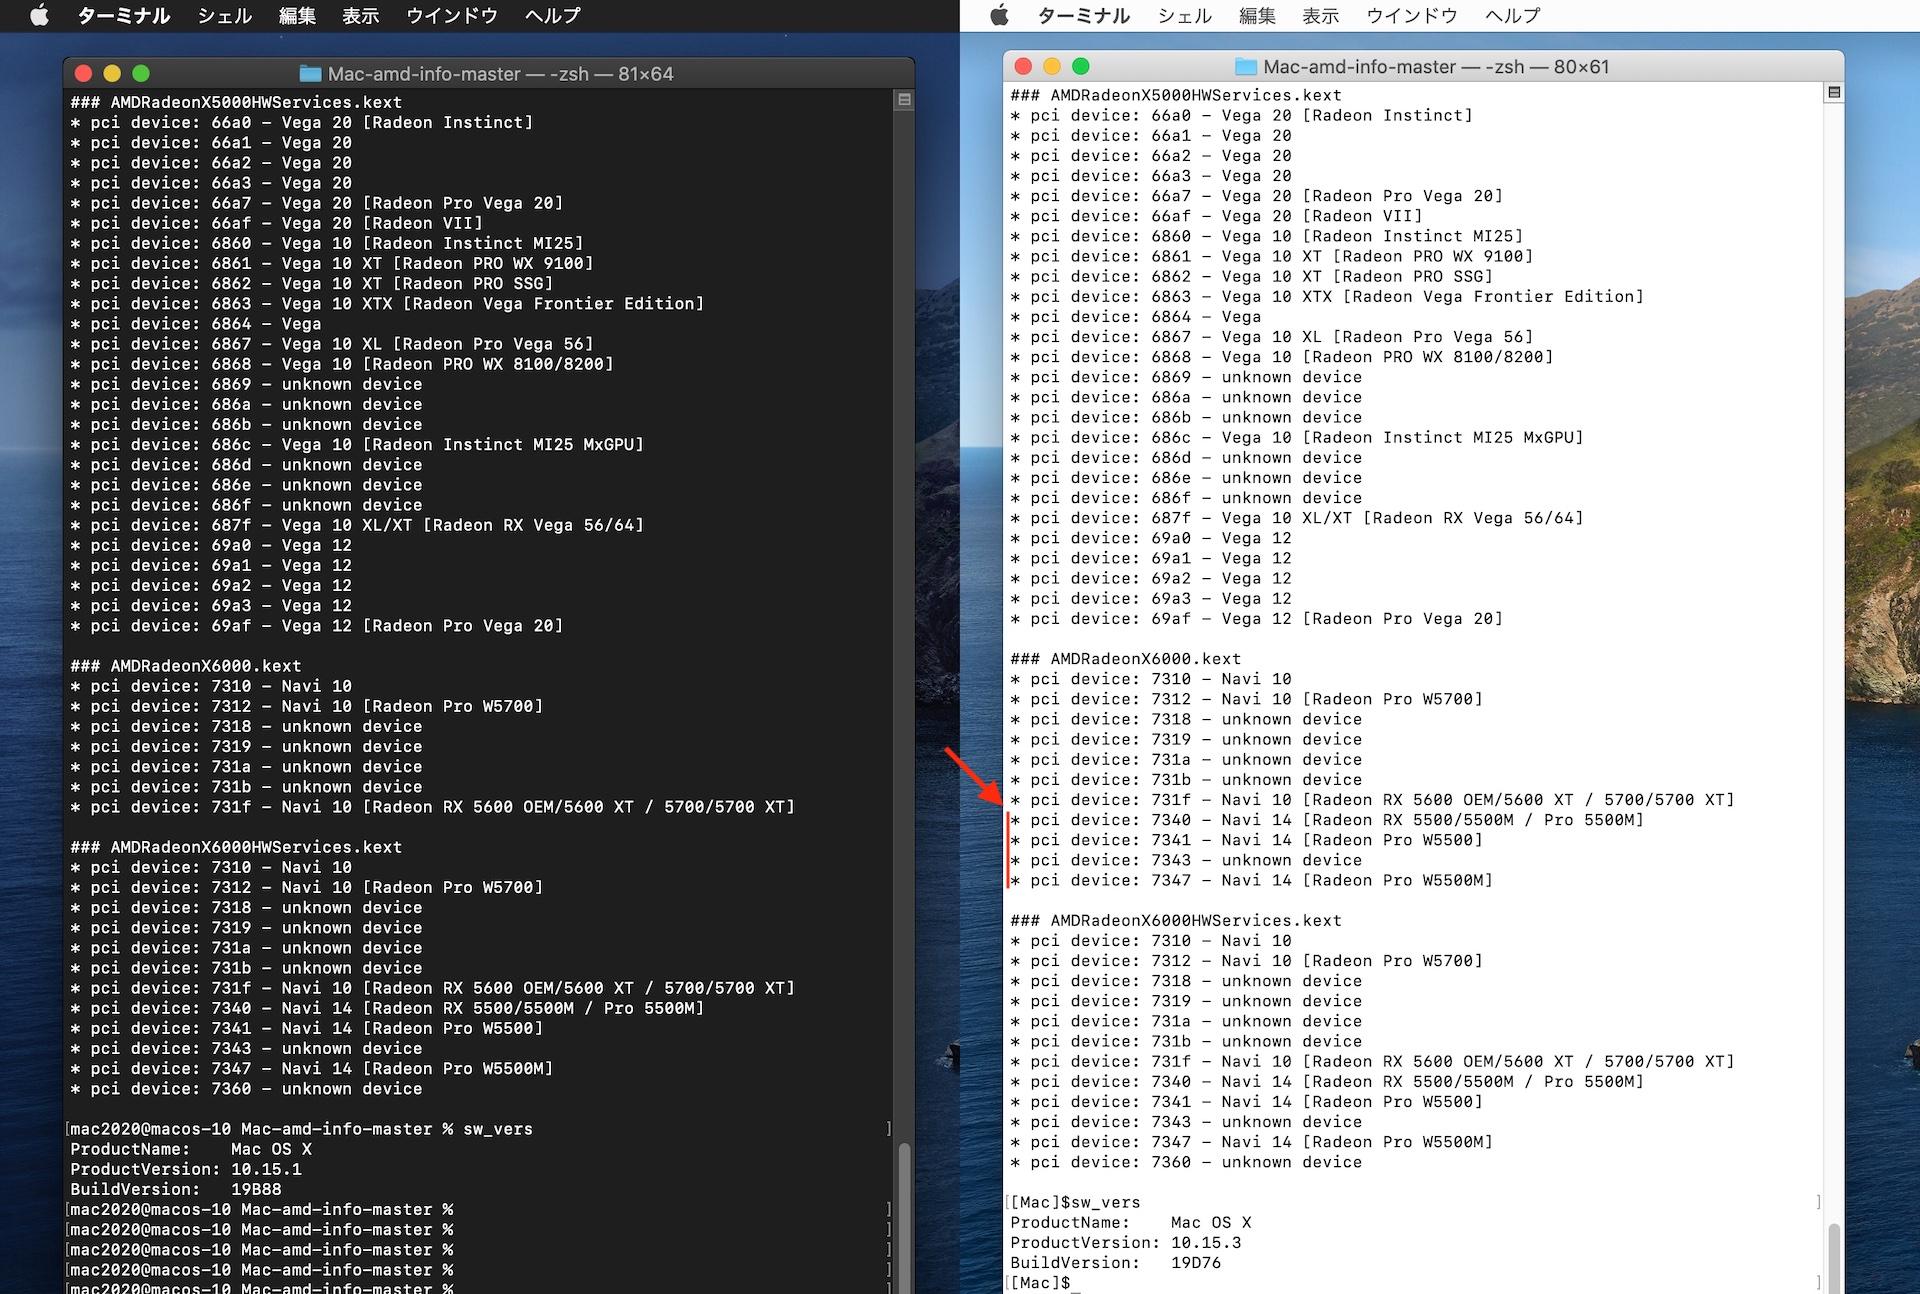 macOS 10.15.3 CatalinaのGPU kext